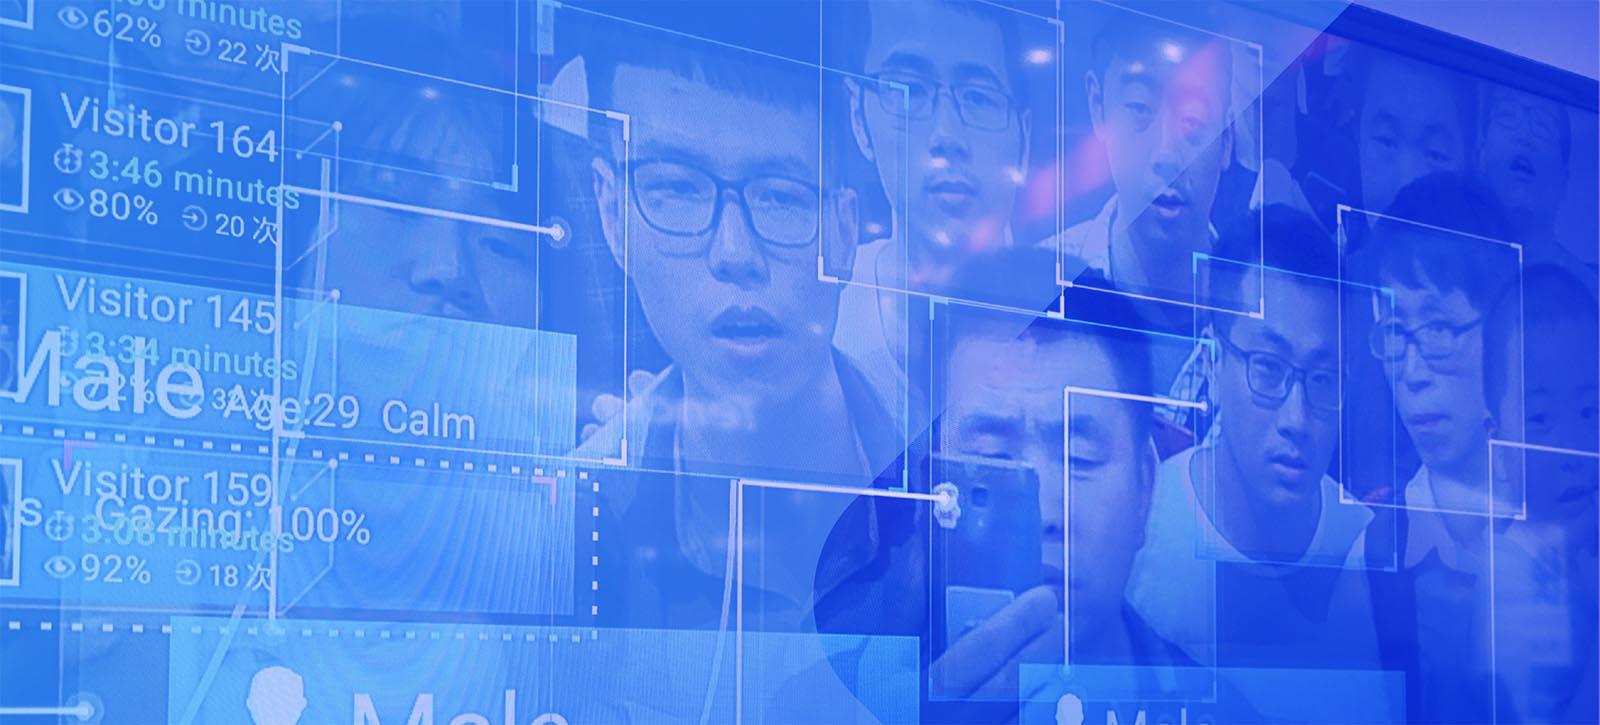 التكنولوجيا والاستبداد: وسائل التواصل الاجتماعي ونهاية النظام العالمي الليبرالي